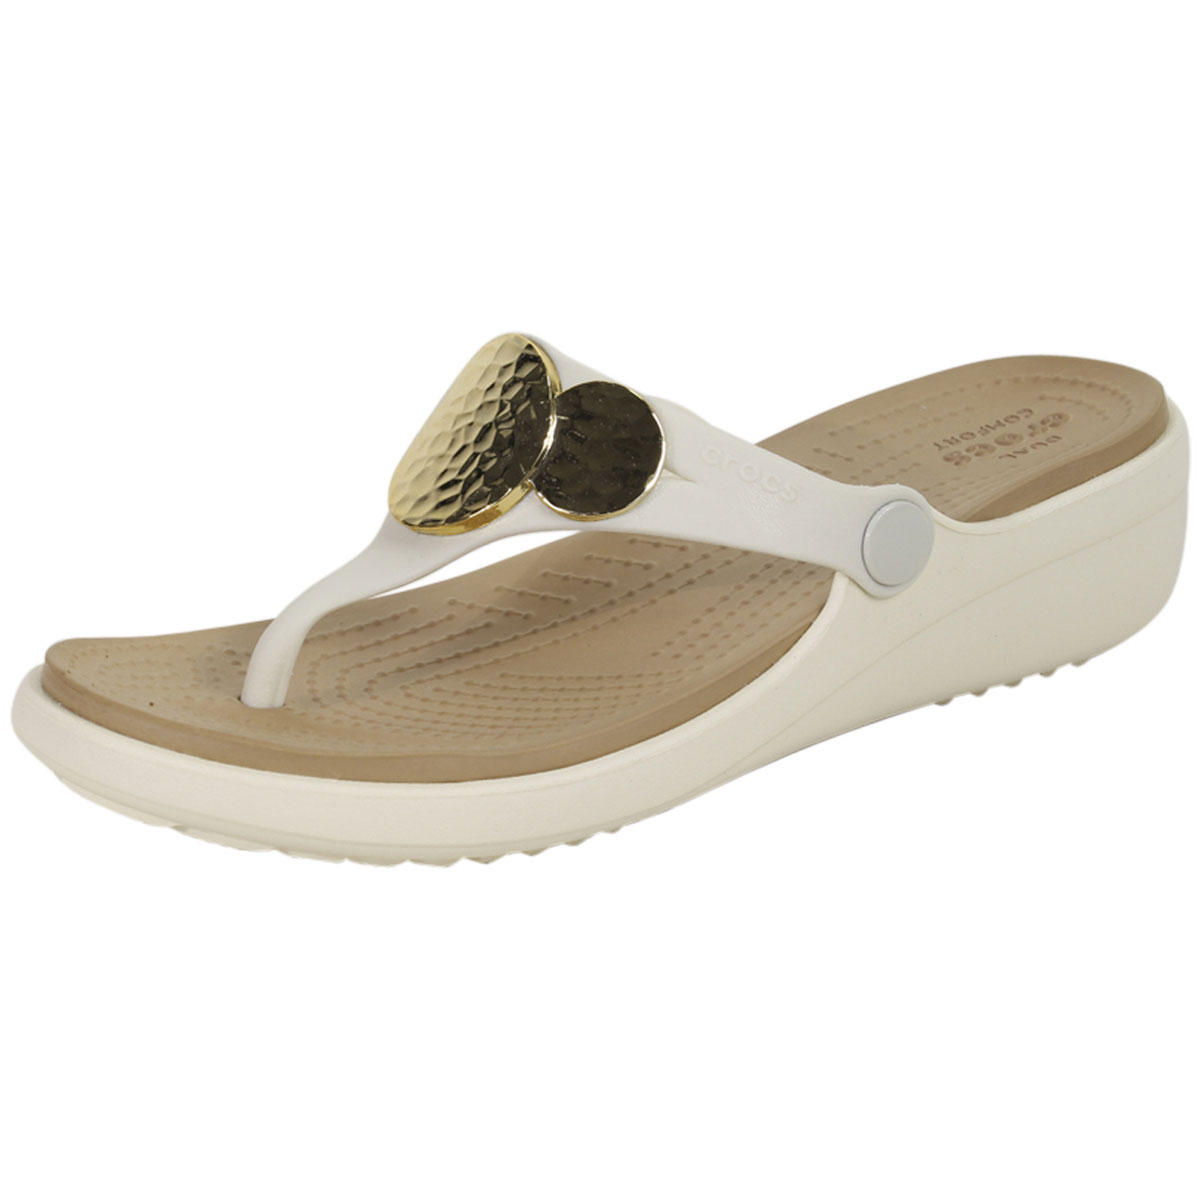 6a8cff3d0fc0 Crocs sanrah oyster gold embellished wedge flip flops sandals shoes jpg  1200x1200 Crocs sanrah